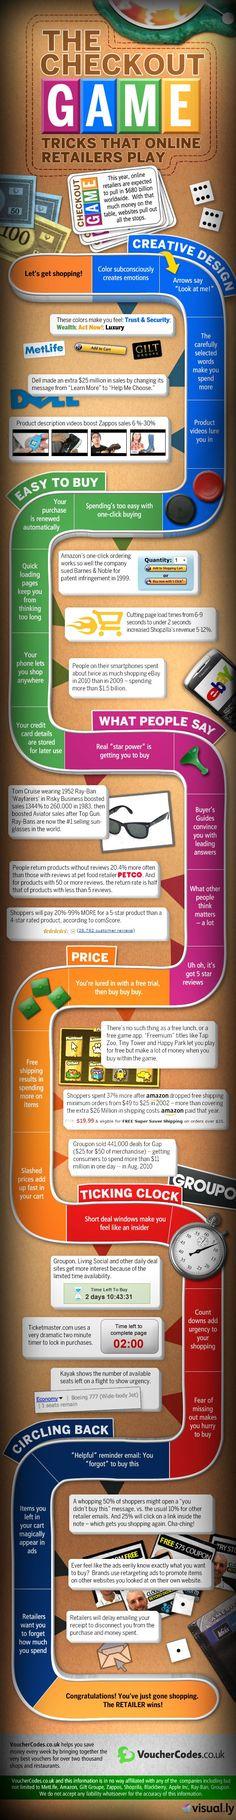 [Infographie] Les subterfuges utilisés en ecommerce pour inciter à l'achat || The Checkout Game - Tricks That Online Retailers Play #ecommerce #digital #marekting